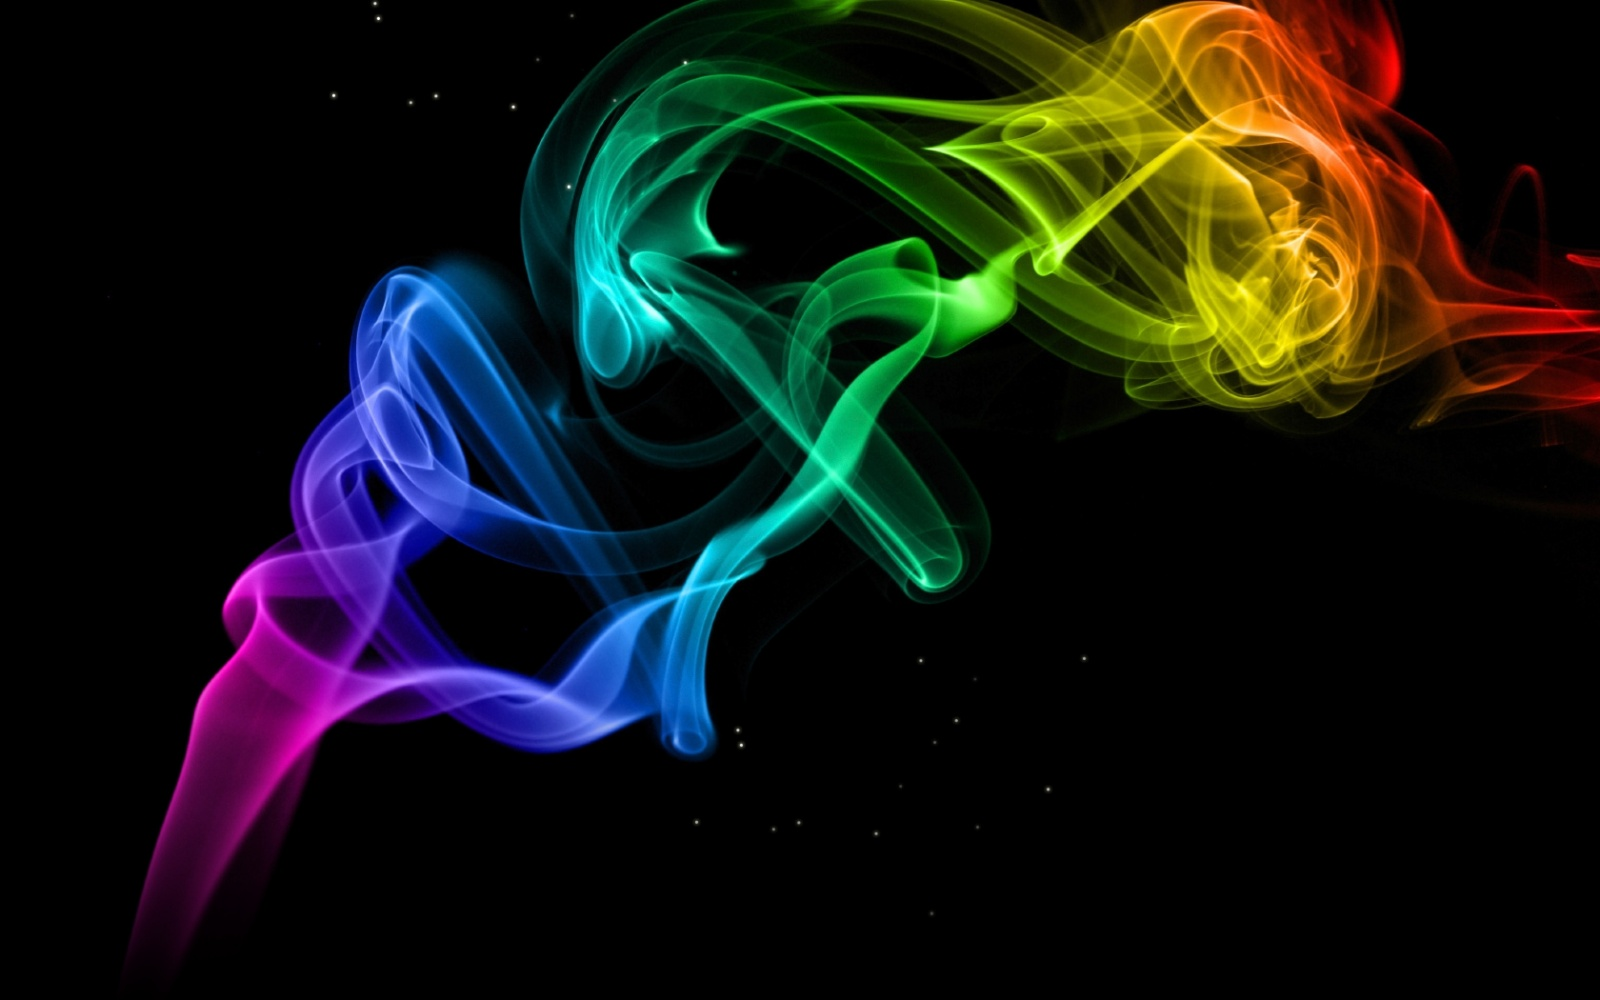 Colorful Smoke Wallpaper